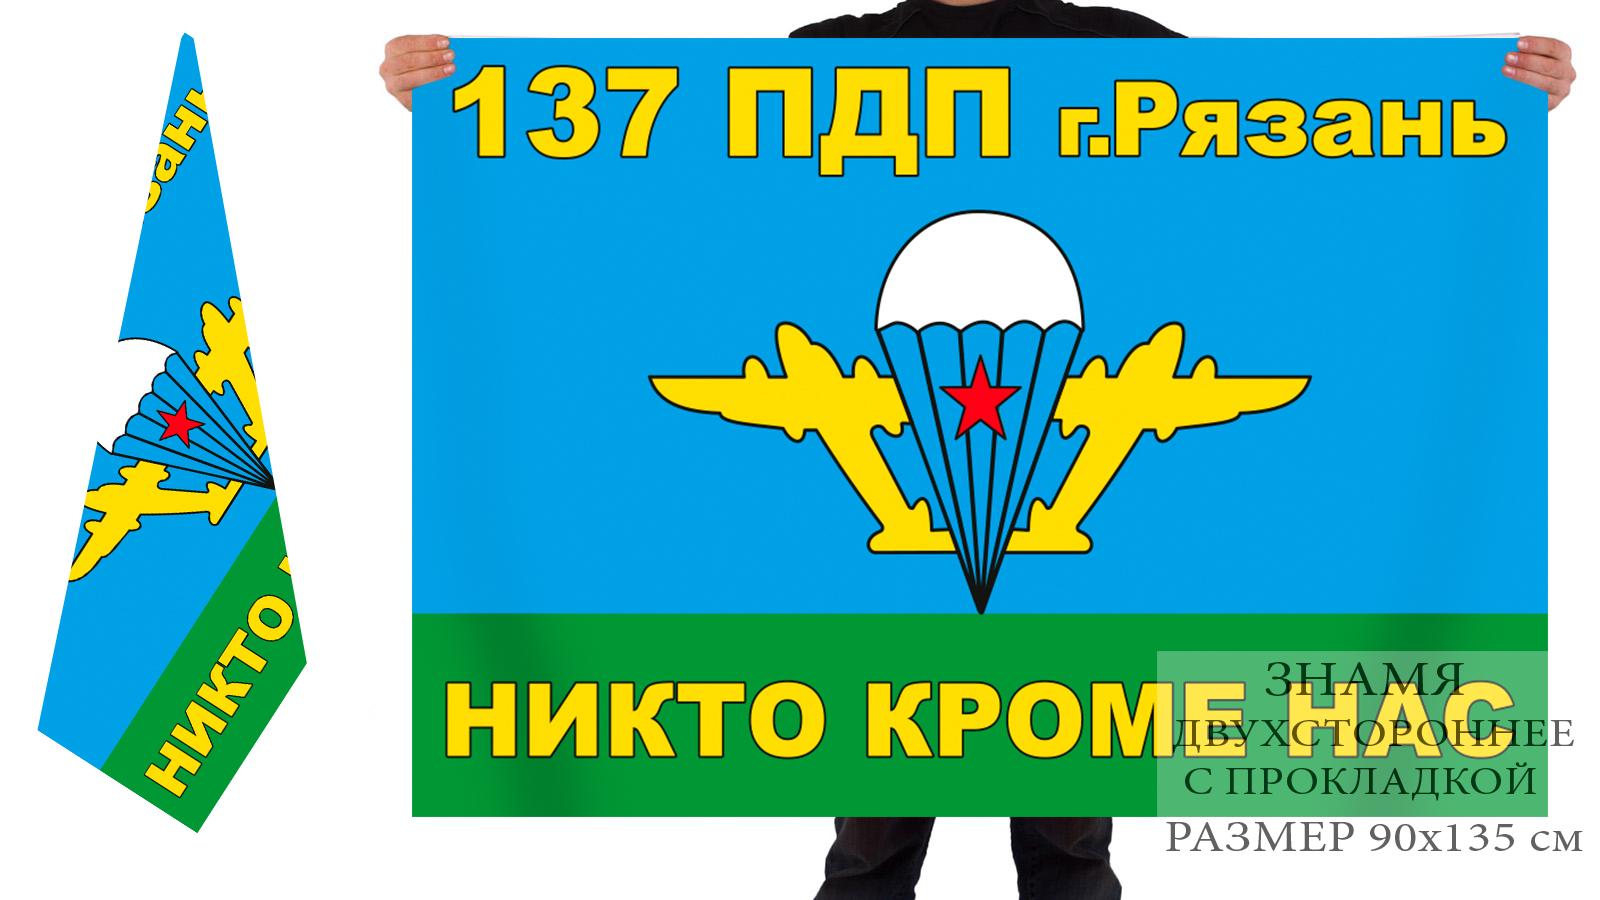 Двусторонний флаг 137 ПДП Рязань